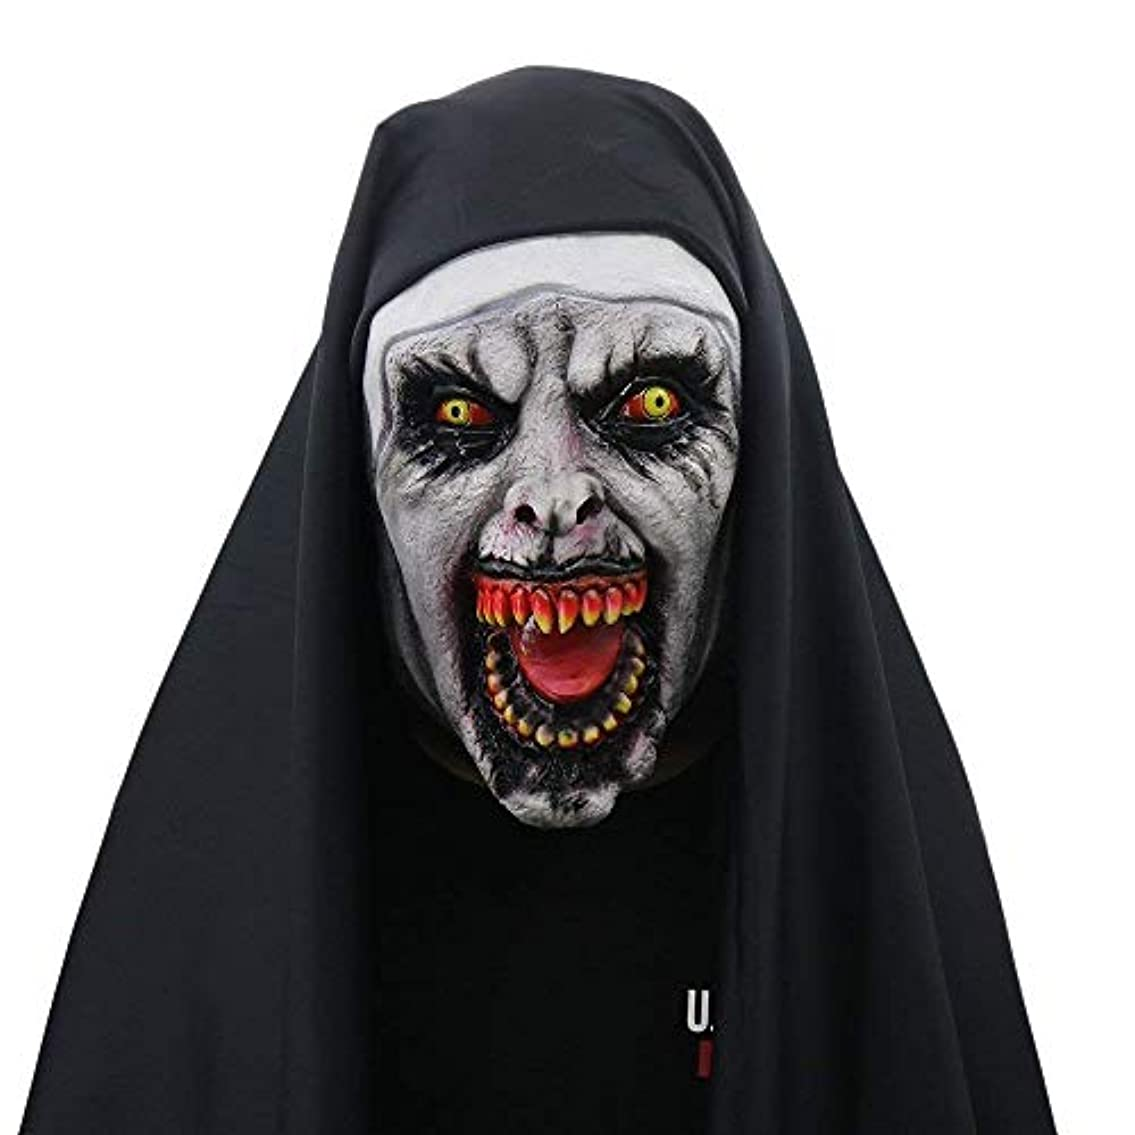 重力クリーム気体のハロウィン修道女マスク、ホラー怖い女性ゴースト整頓パーティー用品ゾンビマスク27 * 28 cm (Color : A)